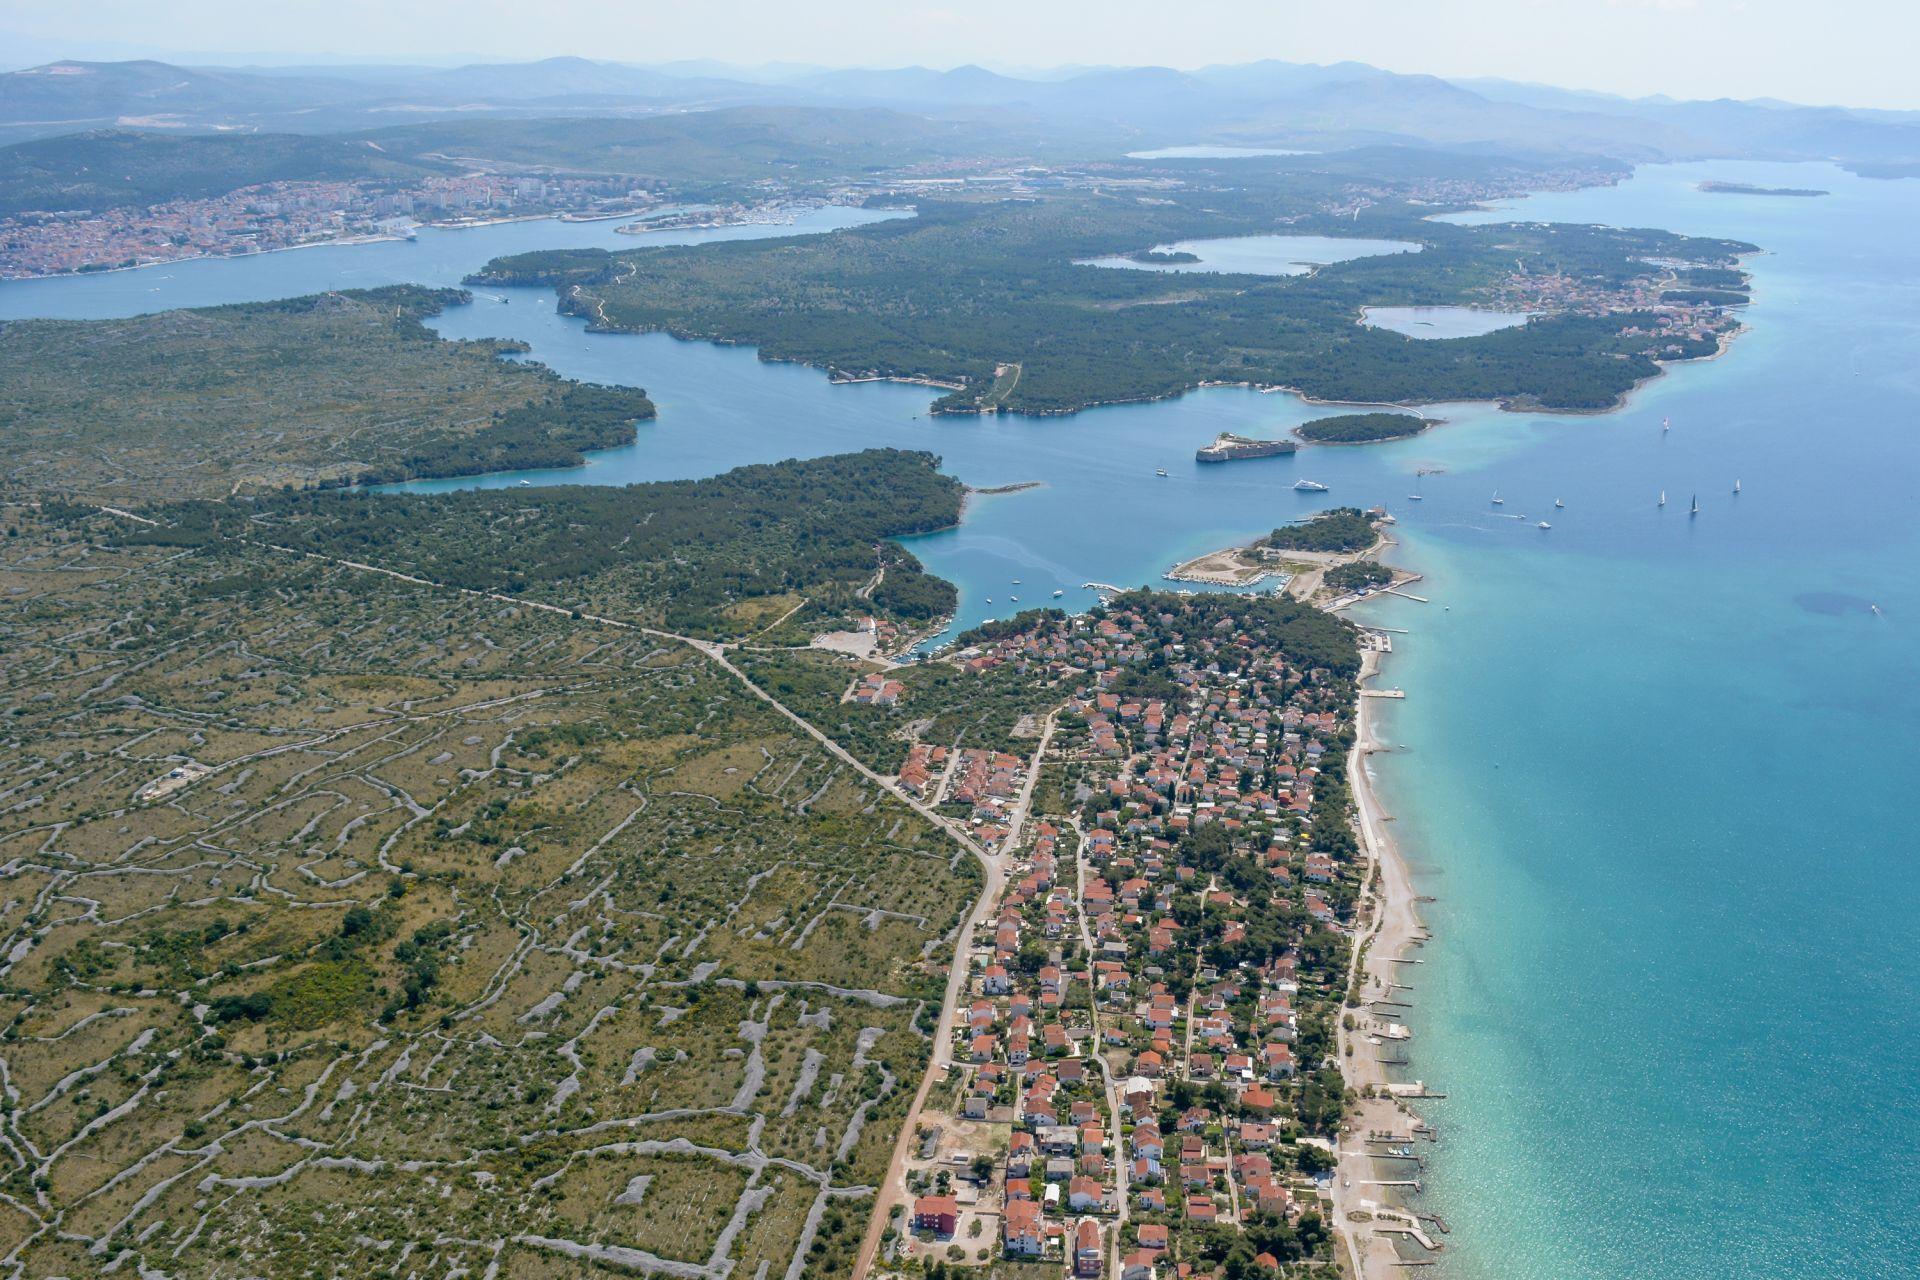 ODRŽIVOST OTOKA: Hrvatska saznanja mogu se primjenjivati širom svijeta